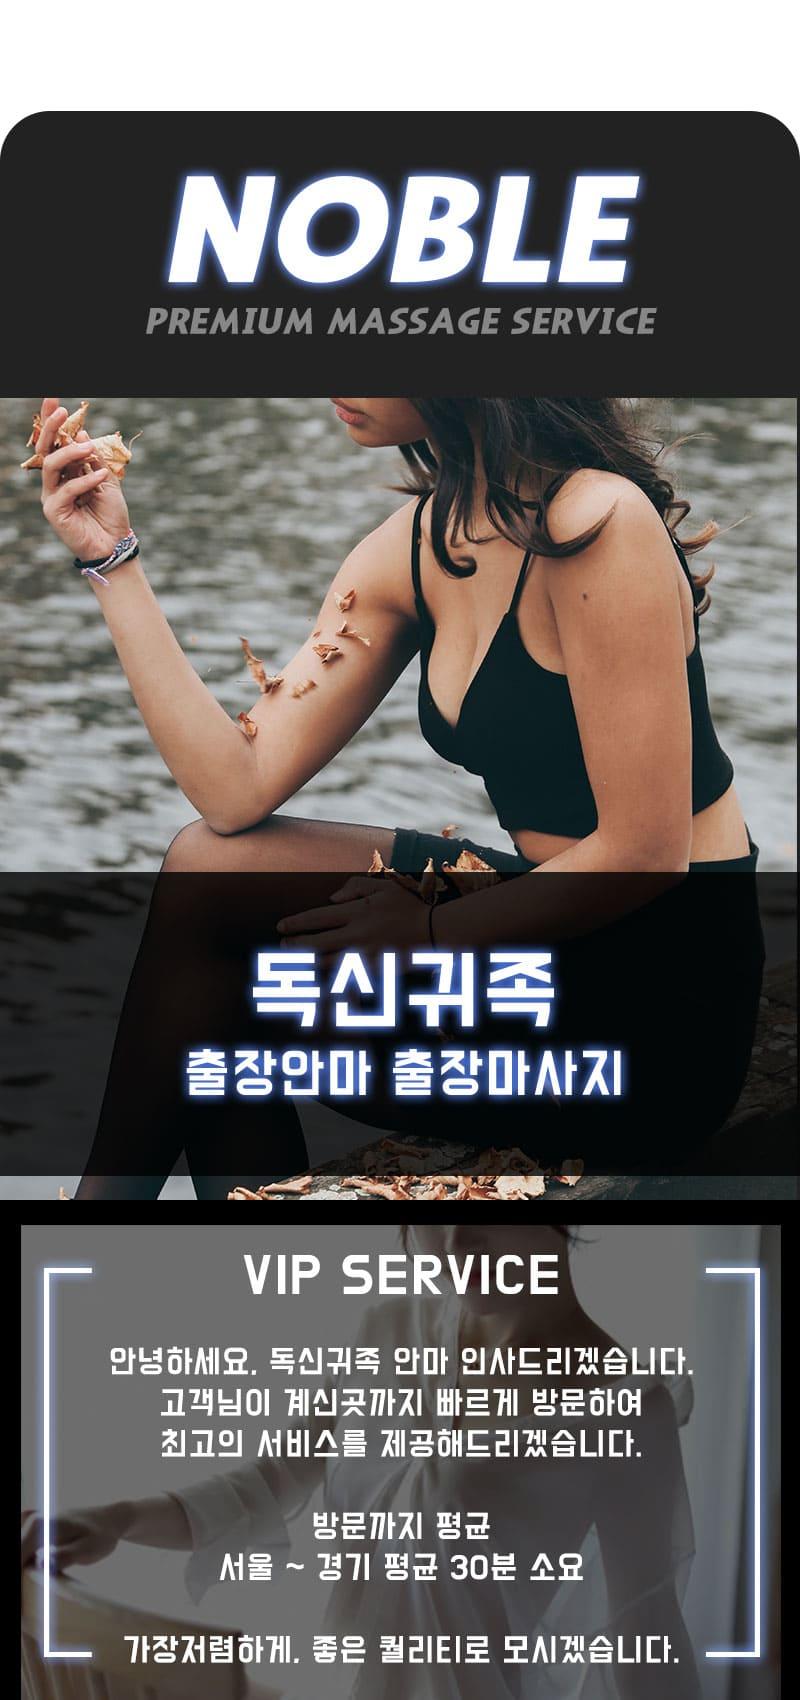 장흥출장안마 소개